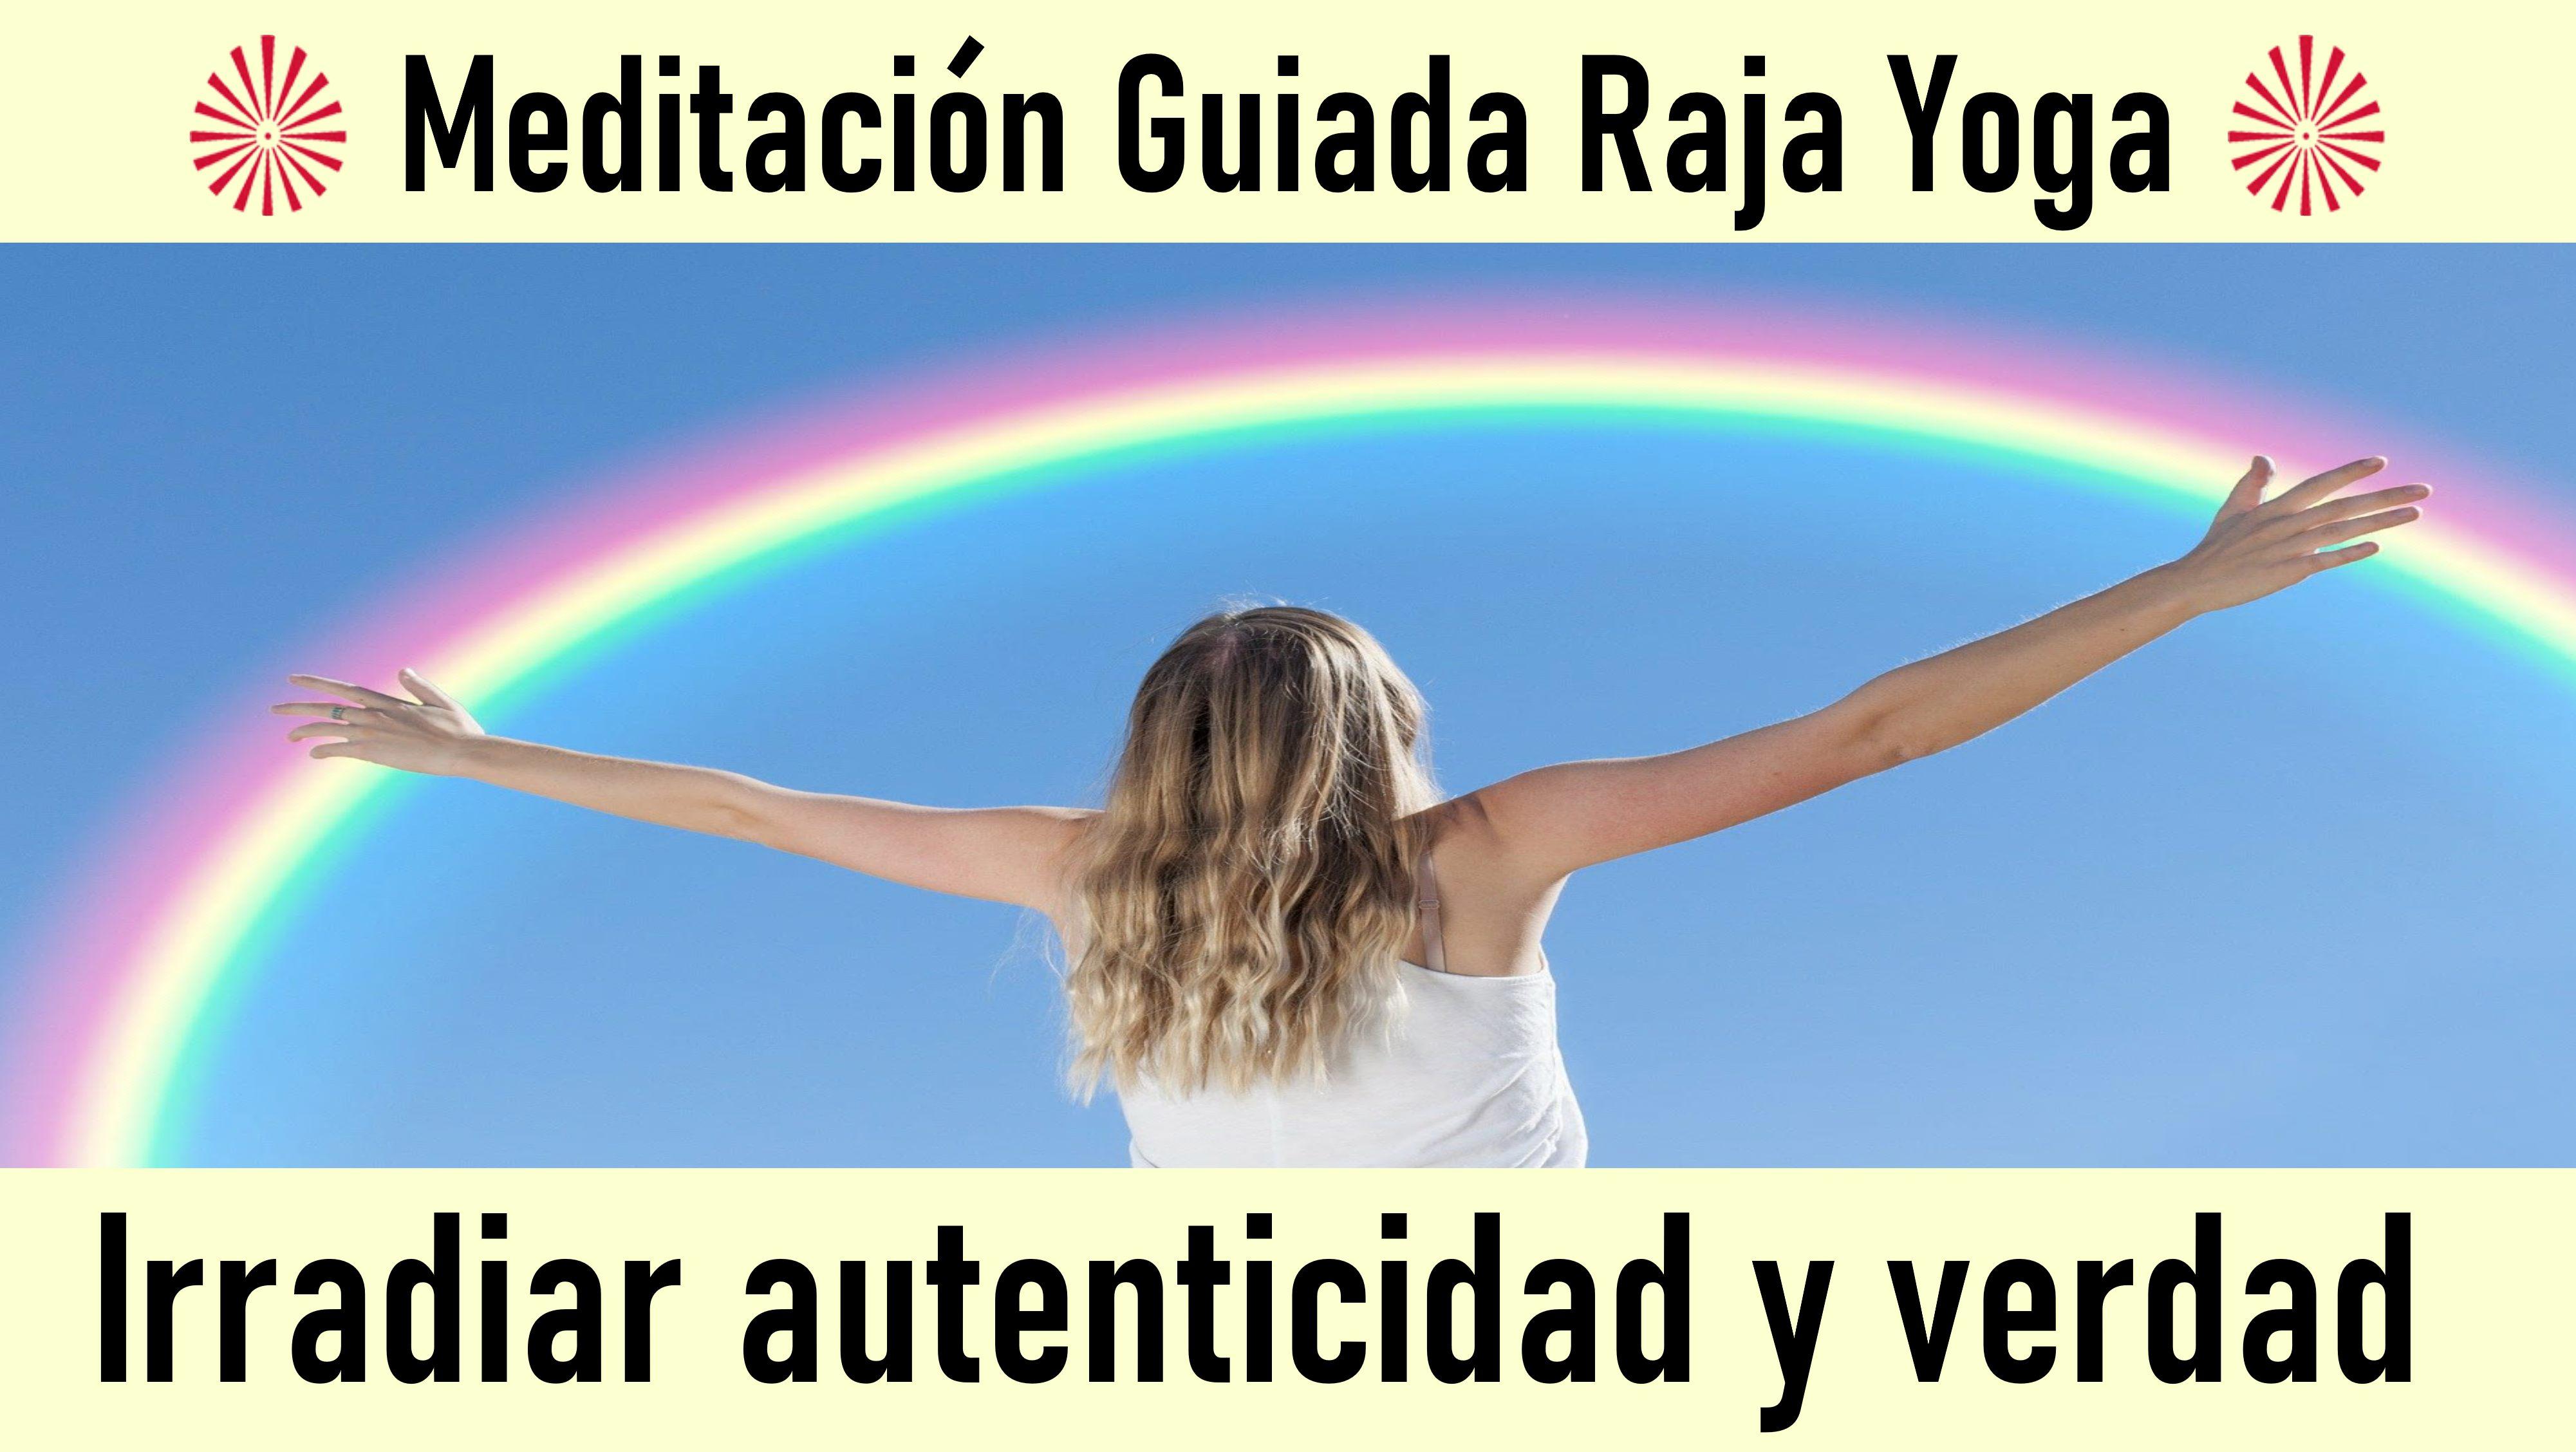 31 Mayo 2020 Meditación Guiada: Irradiar autenticidad y verdad